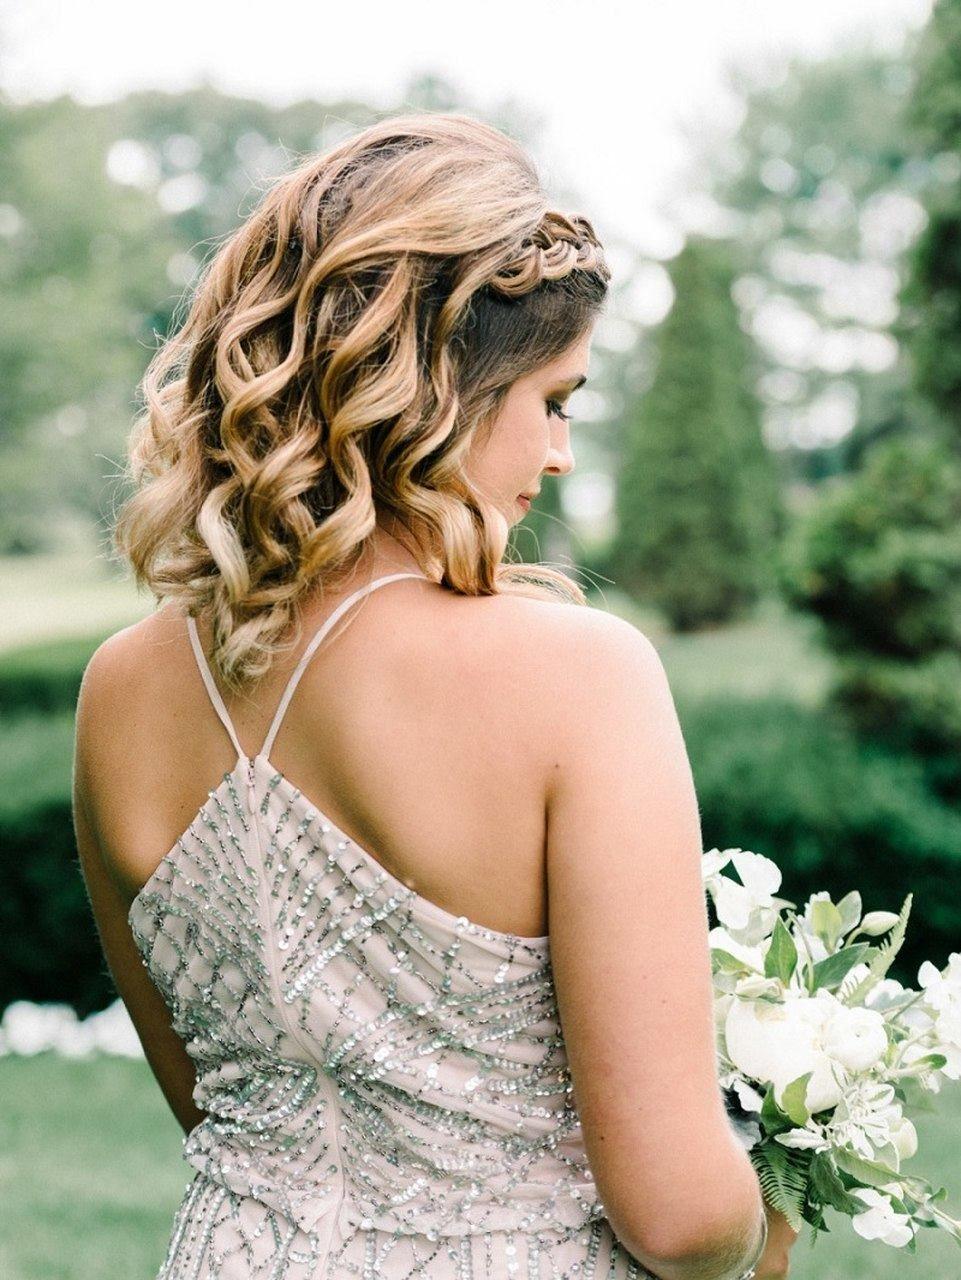 Top 25 Penteados Para Cabelos Curtos Para Casamento Beleza